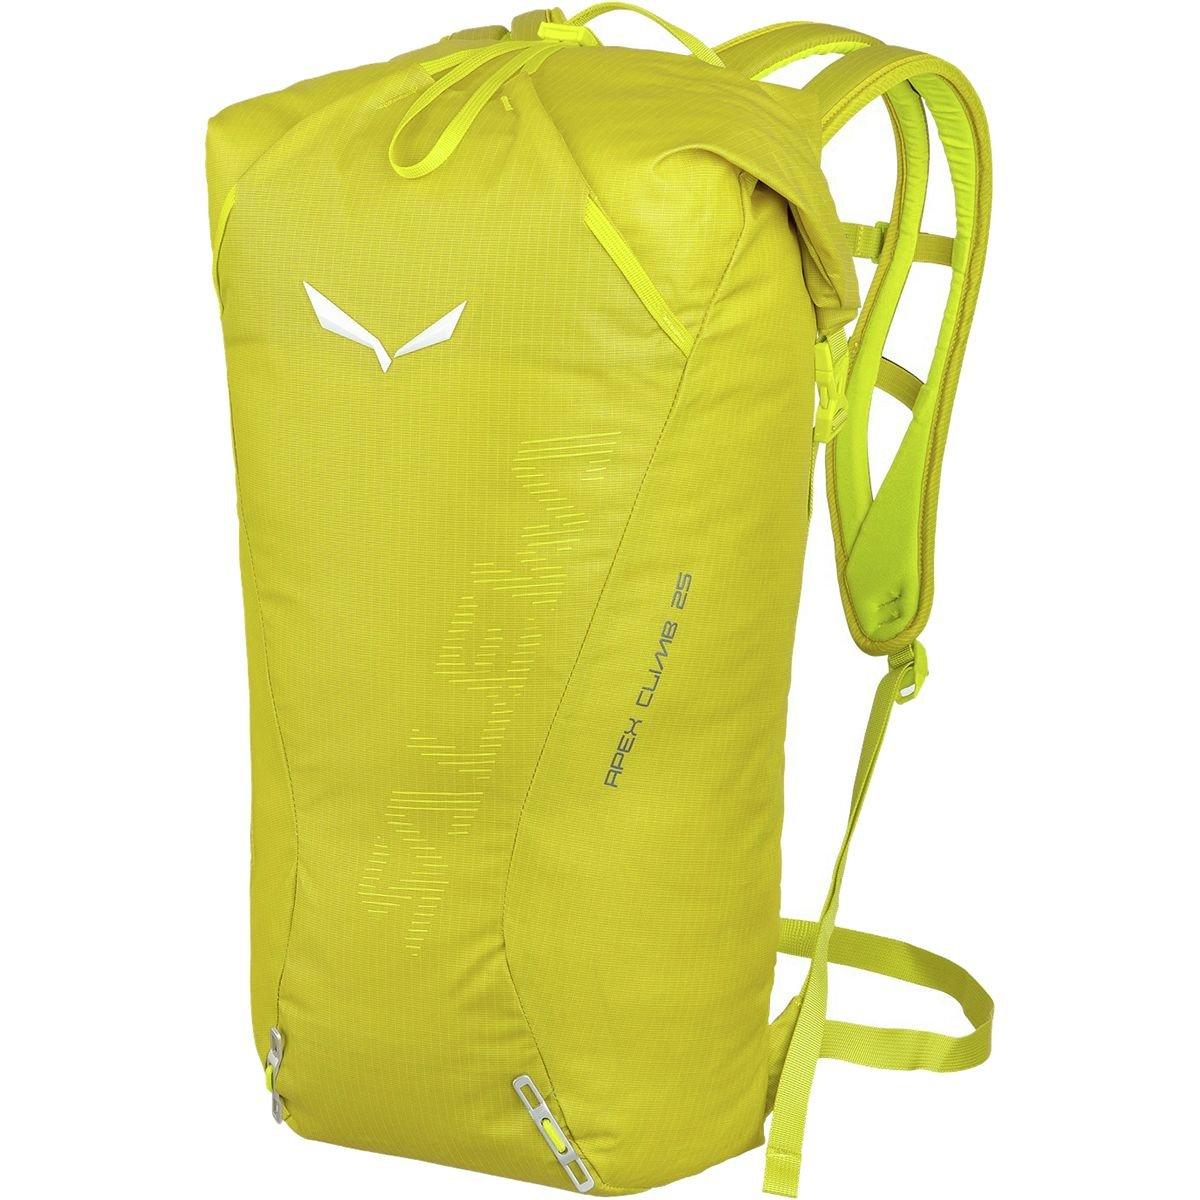 [サレワ] メンズ バックパックリュックサック Apex Climb 25L Backpack [並行輸入品] B07CXL46KJ  No-Size